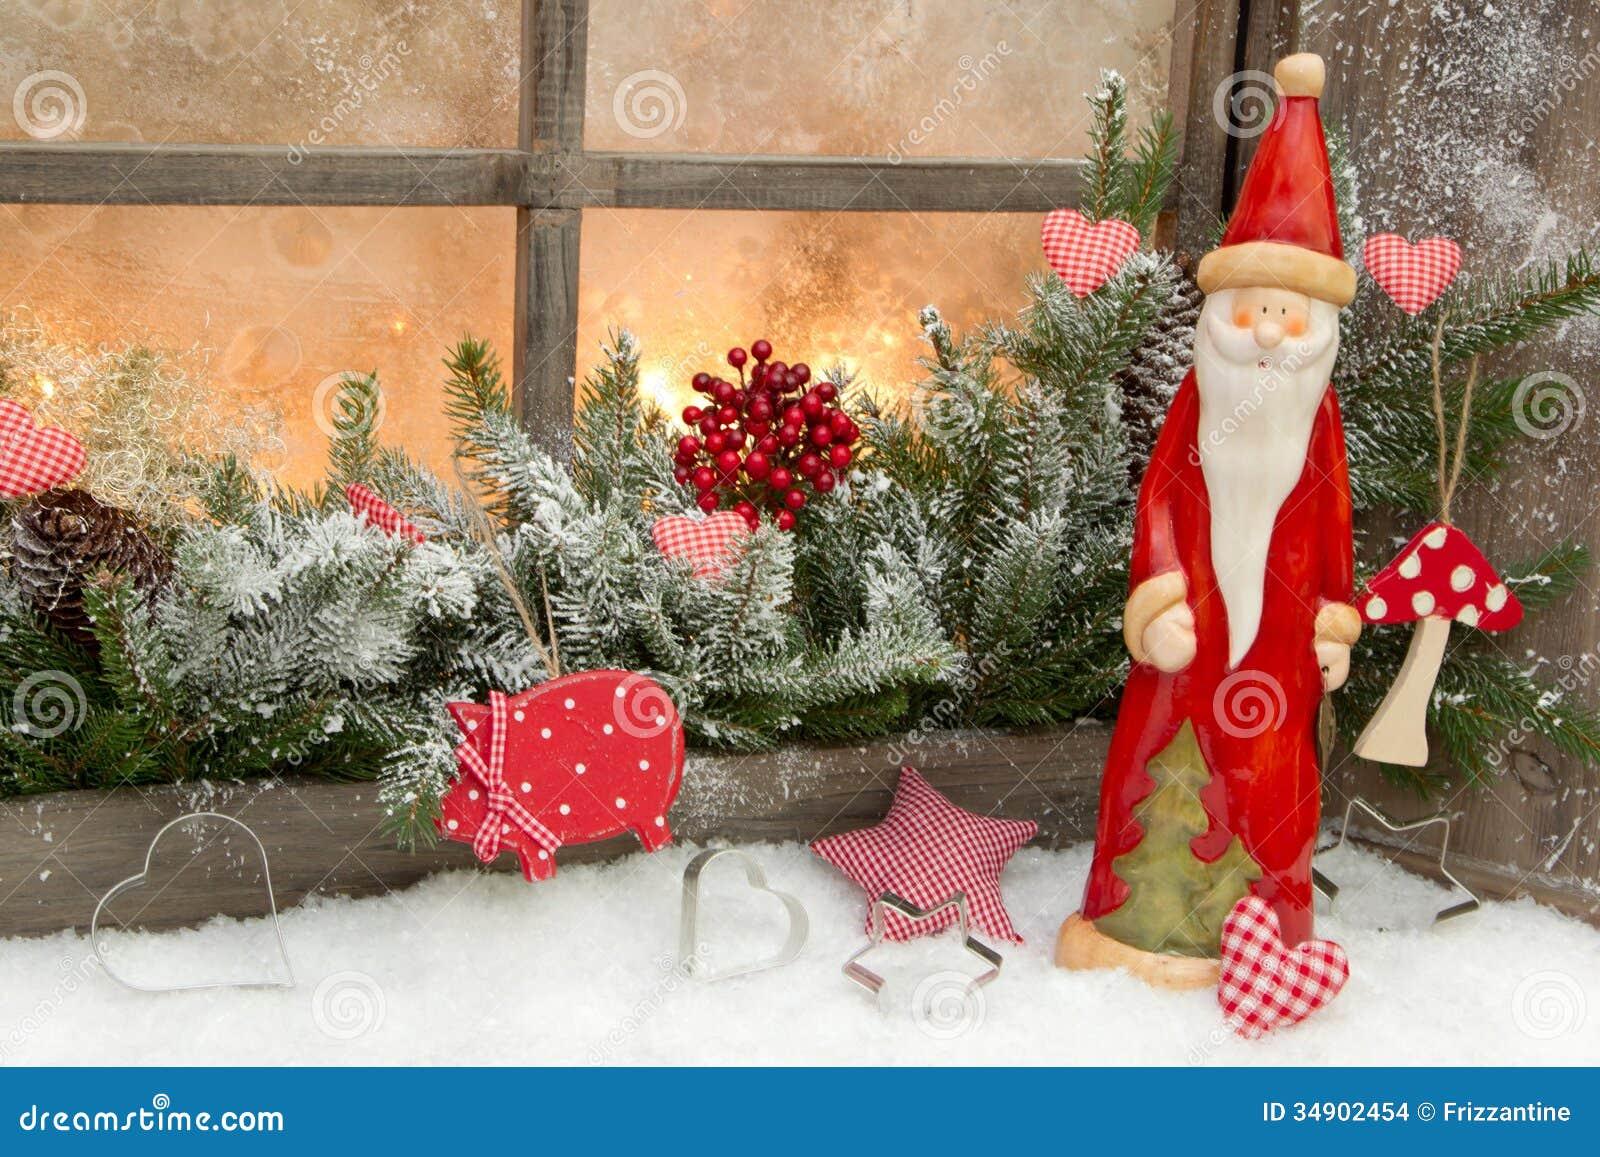 Naturalna Boże Narodzenie Dekoracja Z Santa Claus W